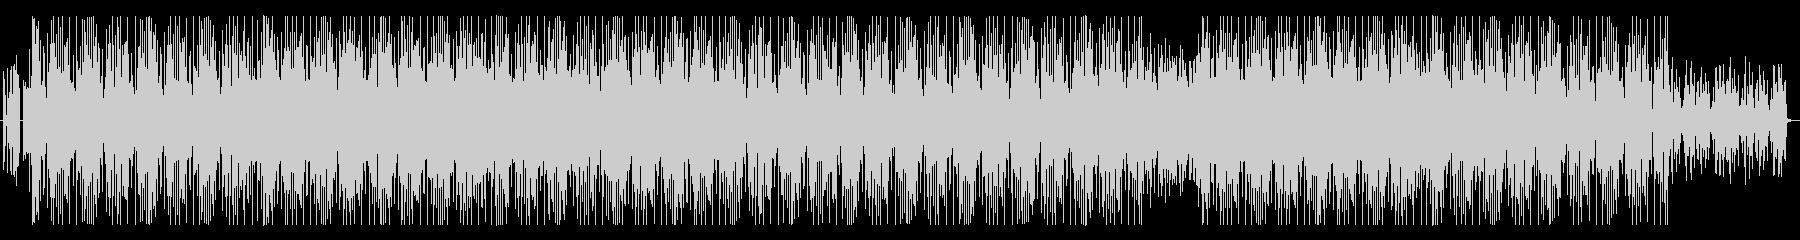 ストリングスメイン大人なディスコファンクの未再生の波形